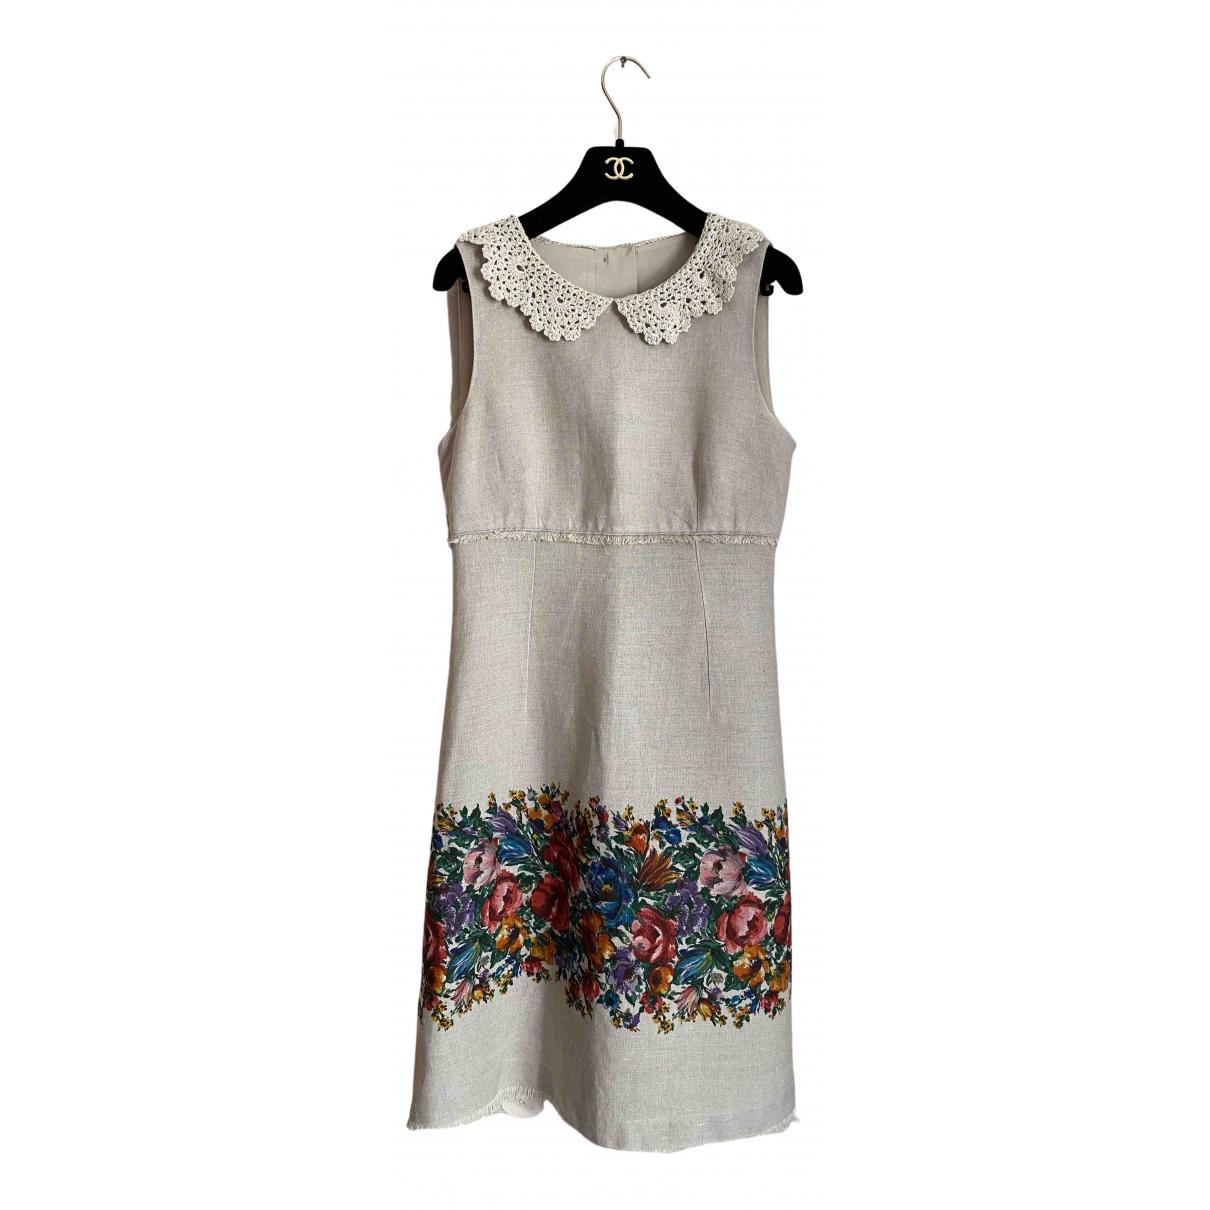 Dolce & Gabbana \N Kleid in  Beige Leinen